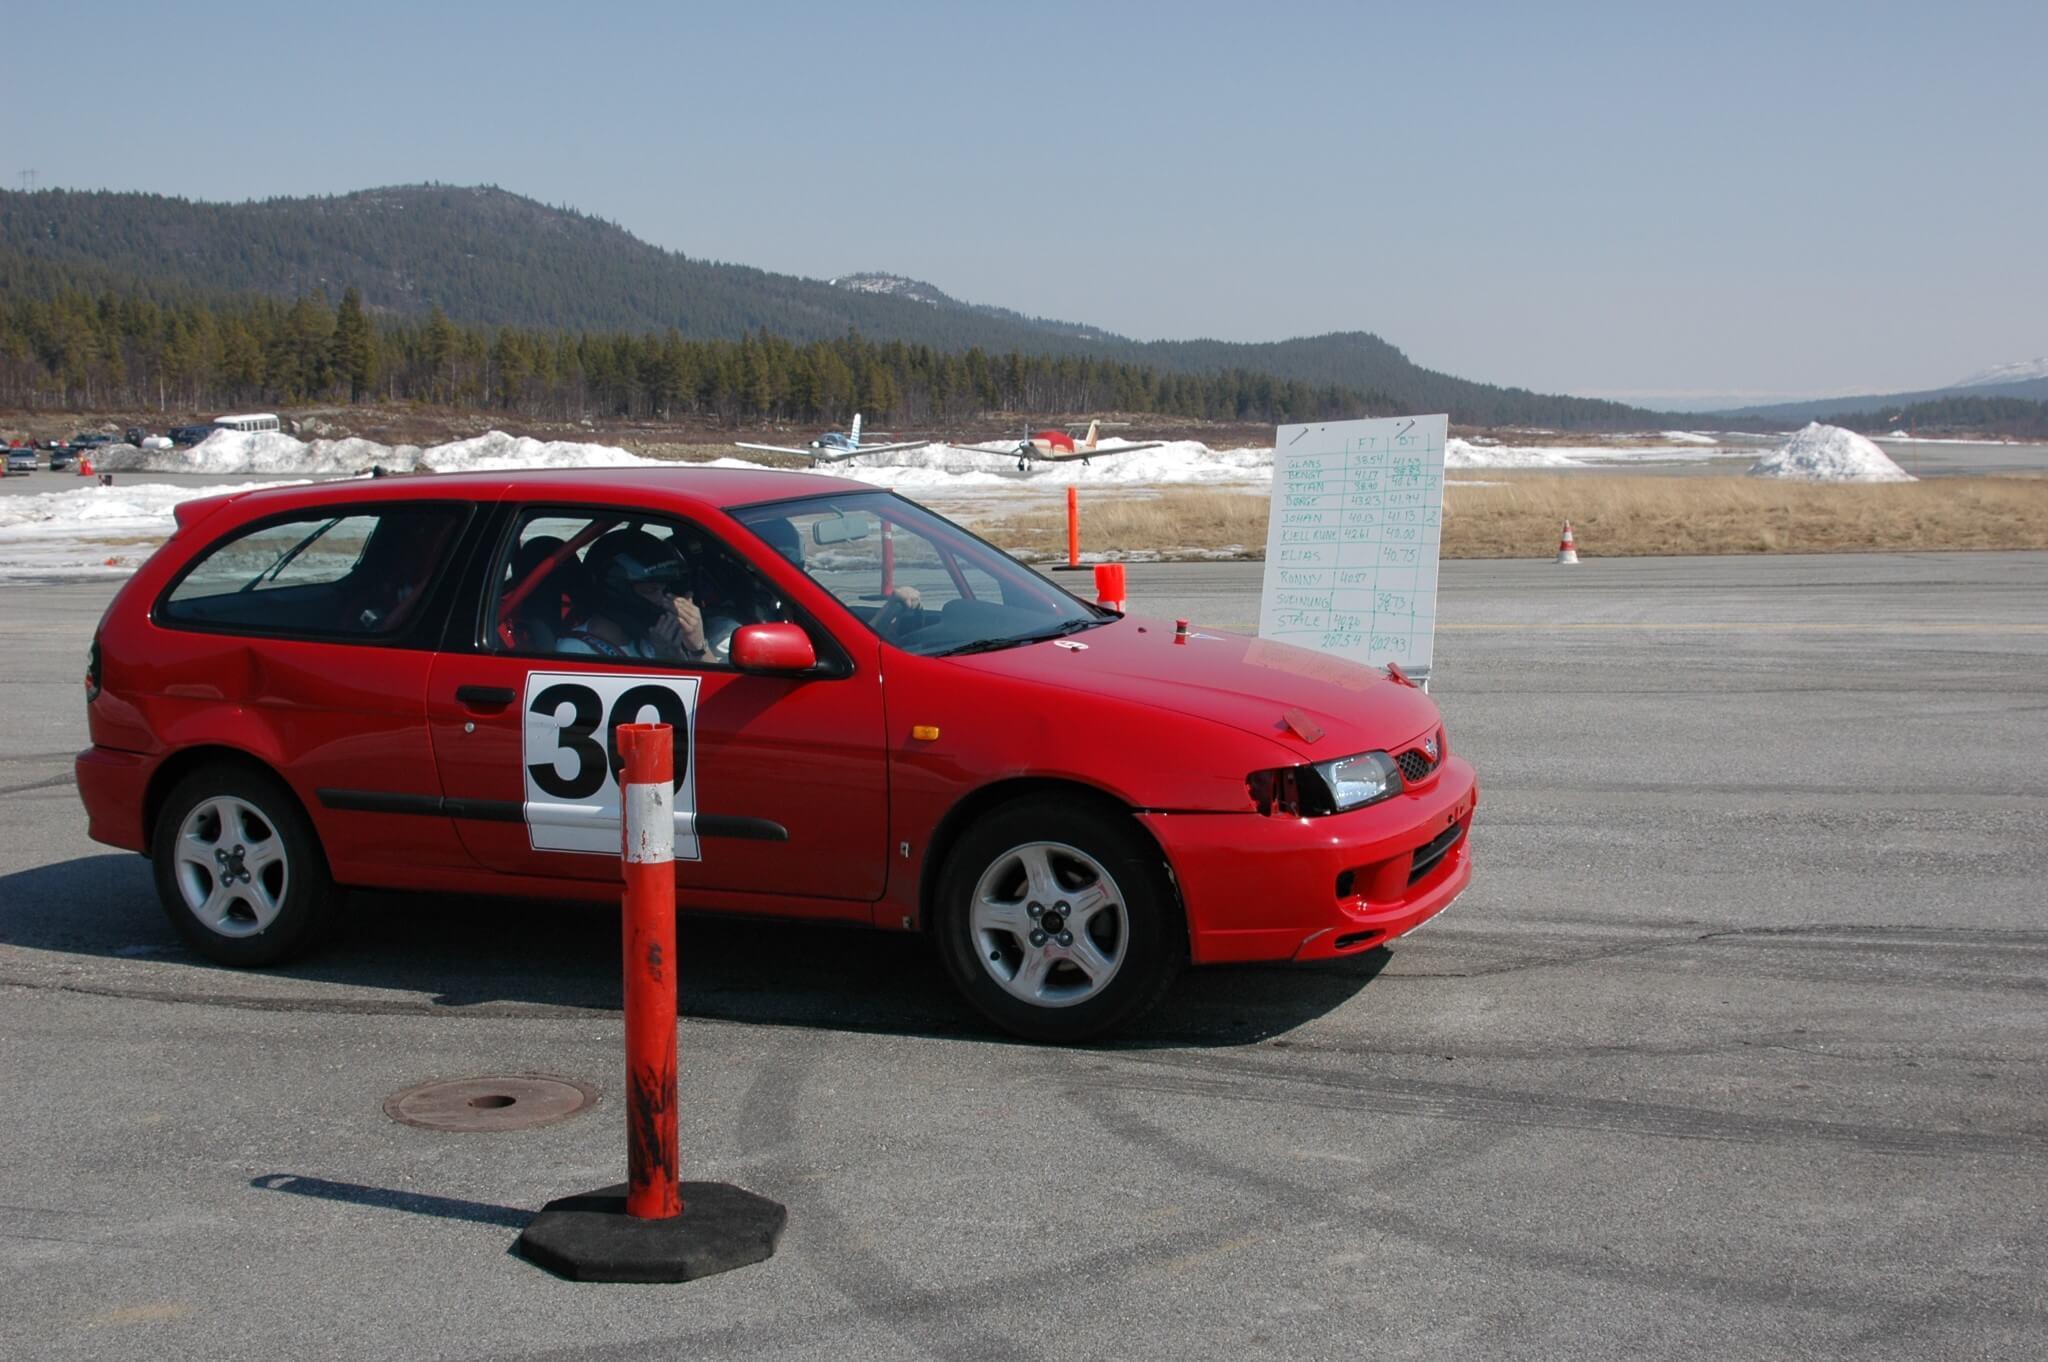 Bilslalom på Dagali Flyplass